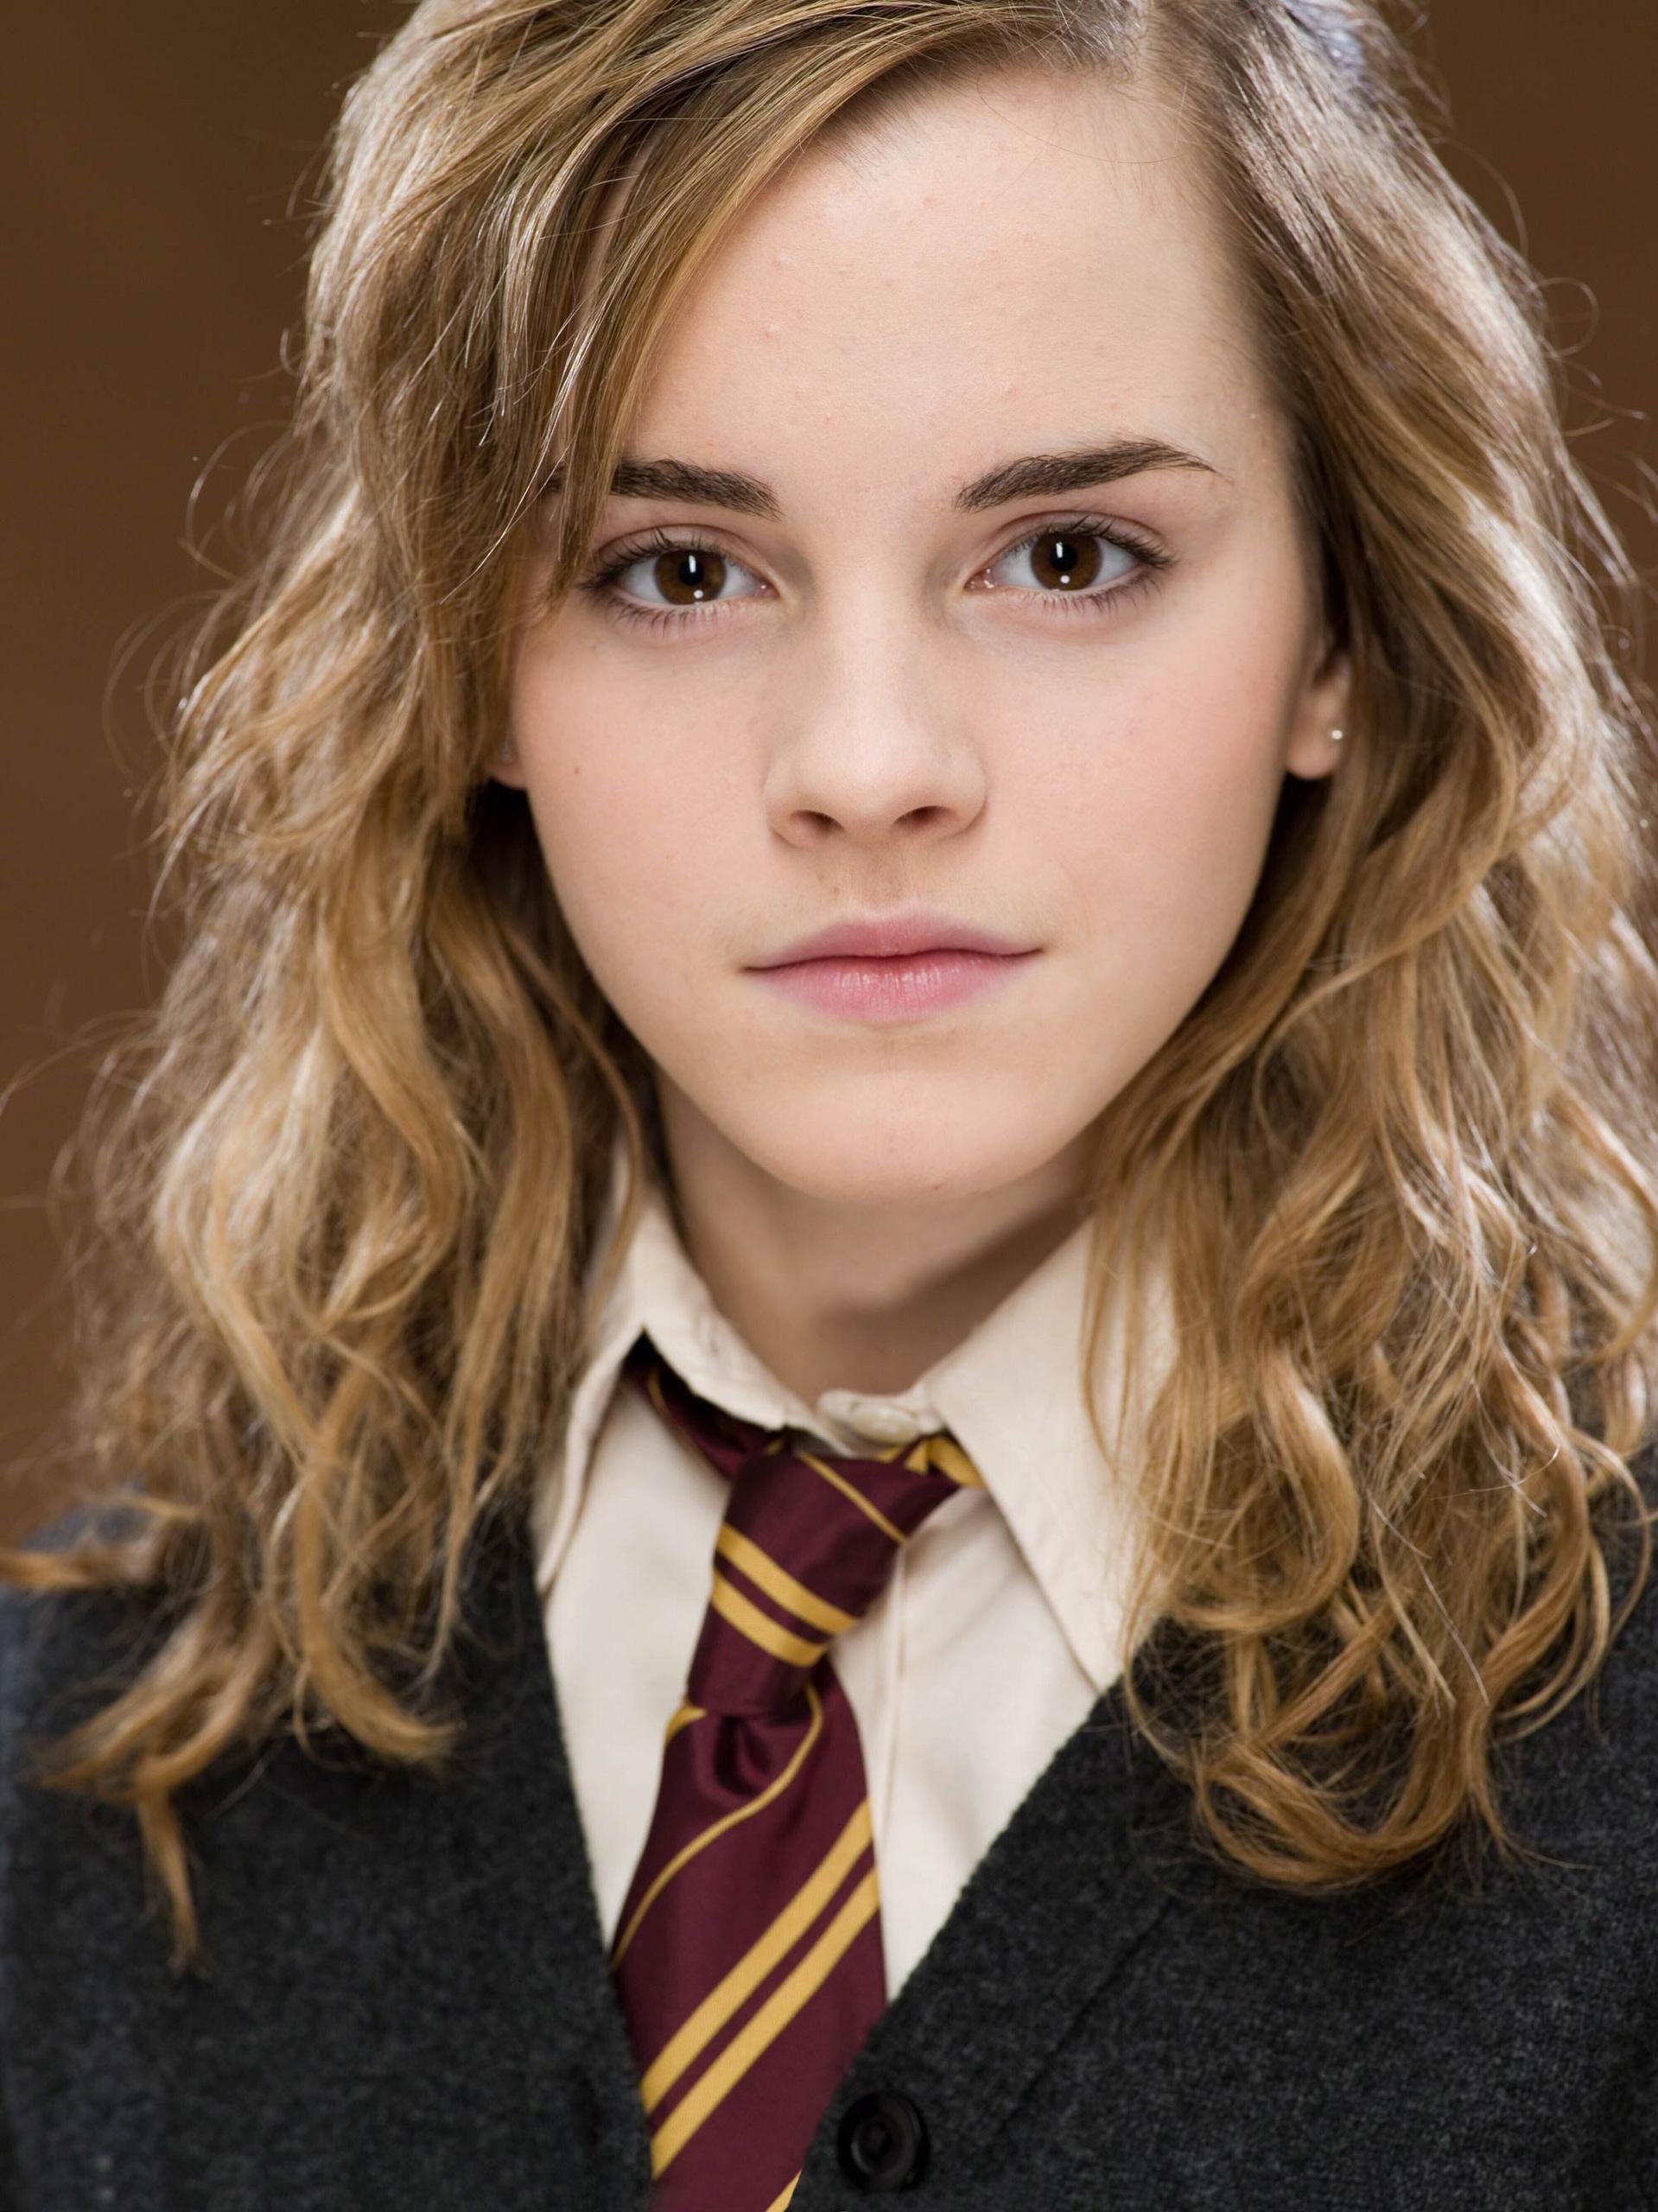 Bildergebnis für hermione granger